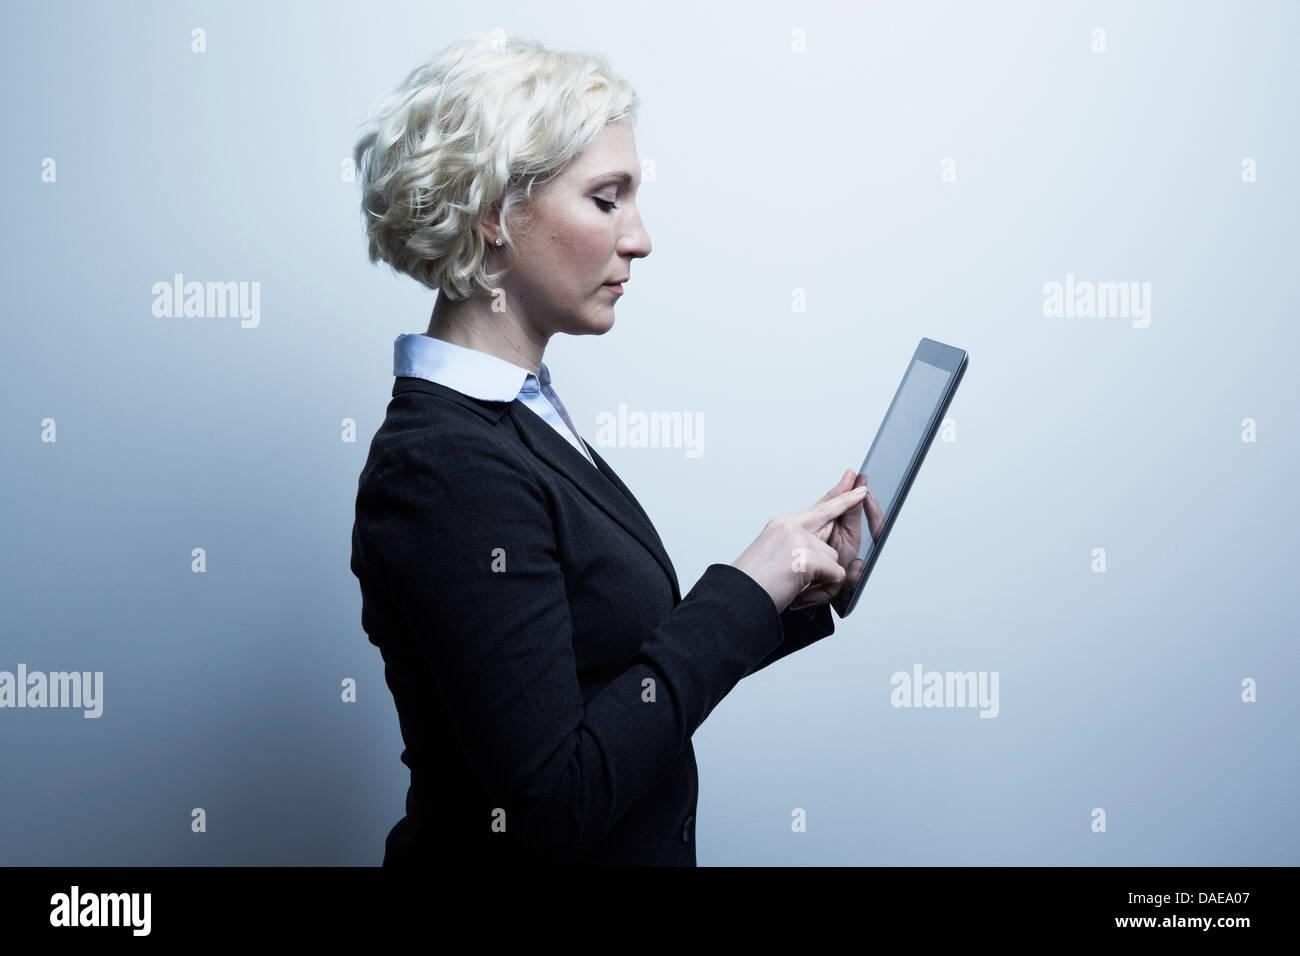 Ritratto in studio di bionda imprenditrice guardando a tavoletta digitale Immagini Stock